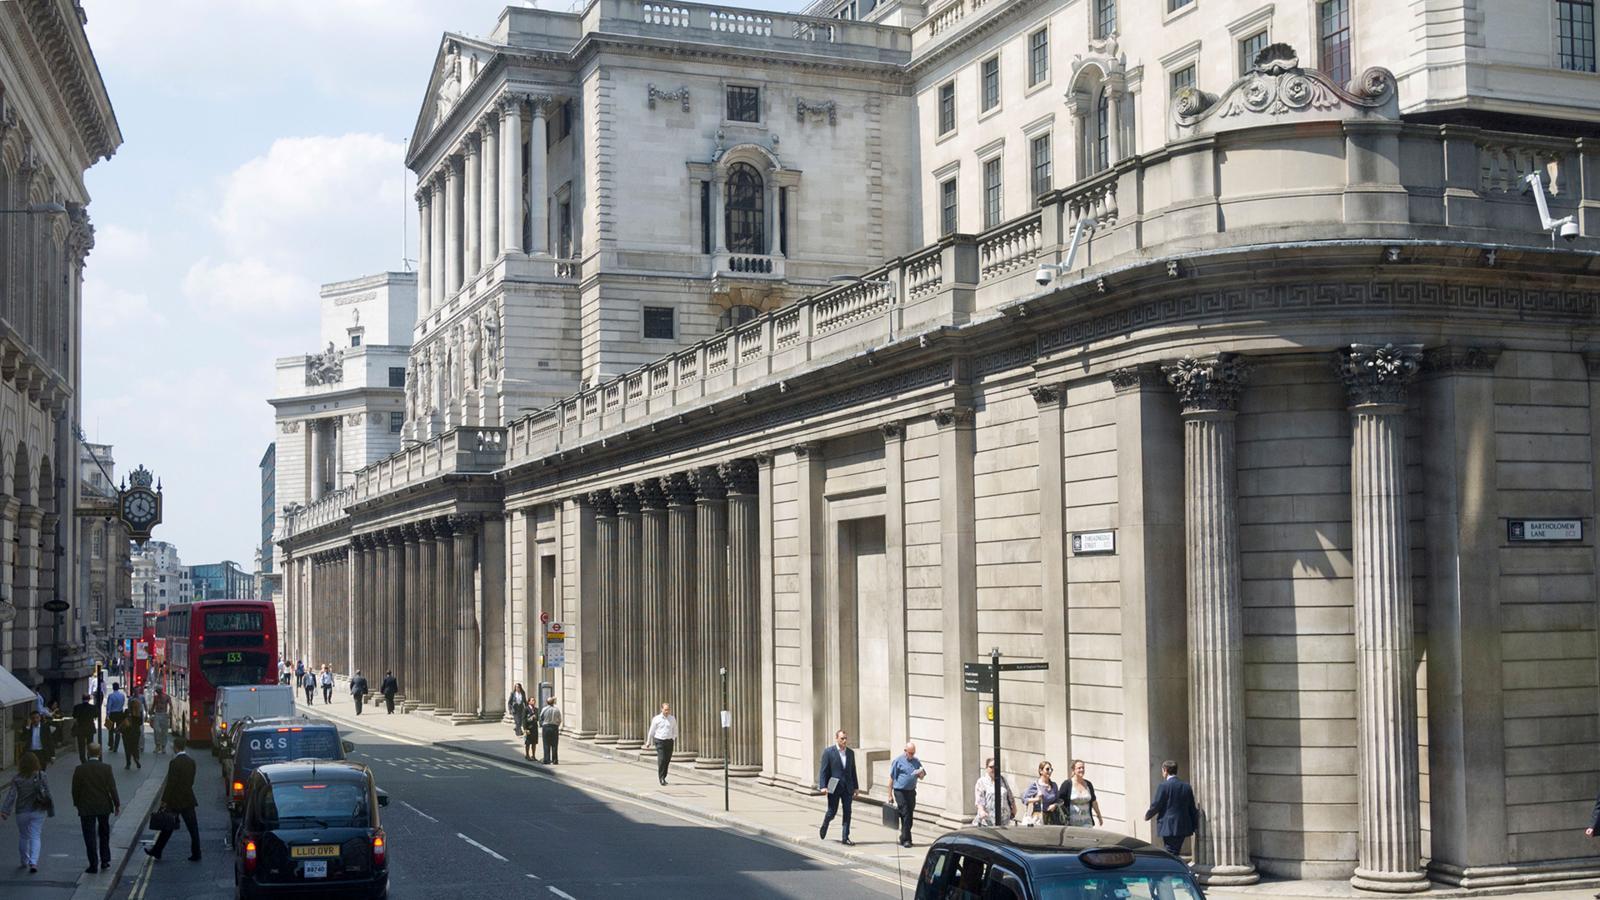 Sous le bâtiment de la Banque d'Angleterre à Threadneedle Street, que l'on peut voir ici, se trouvent des coffres qui renferment 5134 tonnes d'or